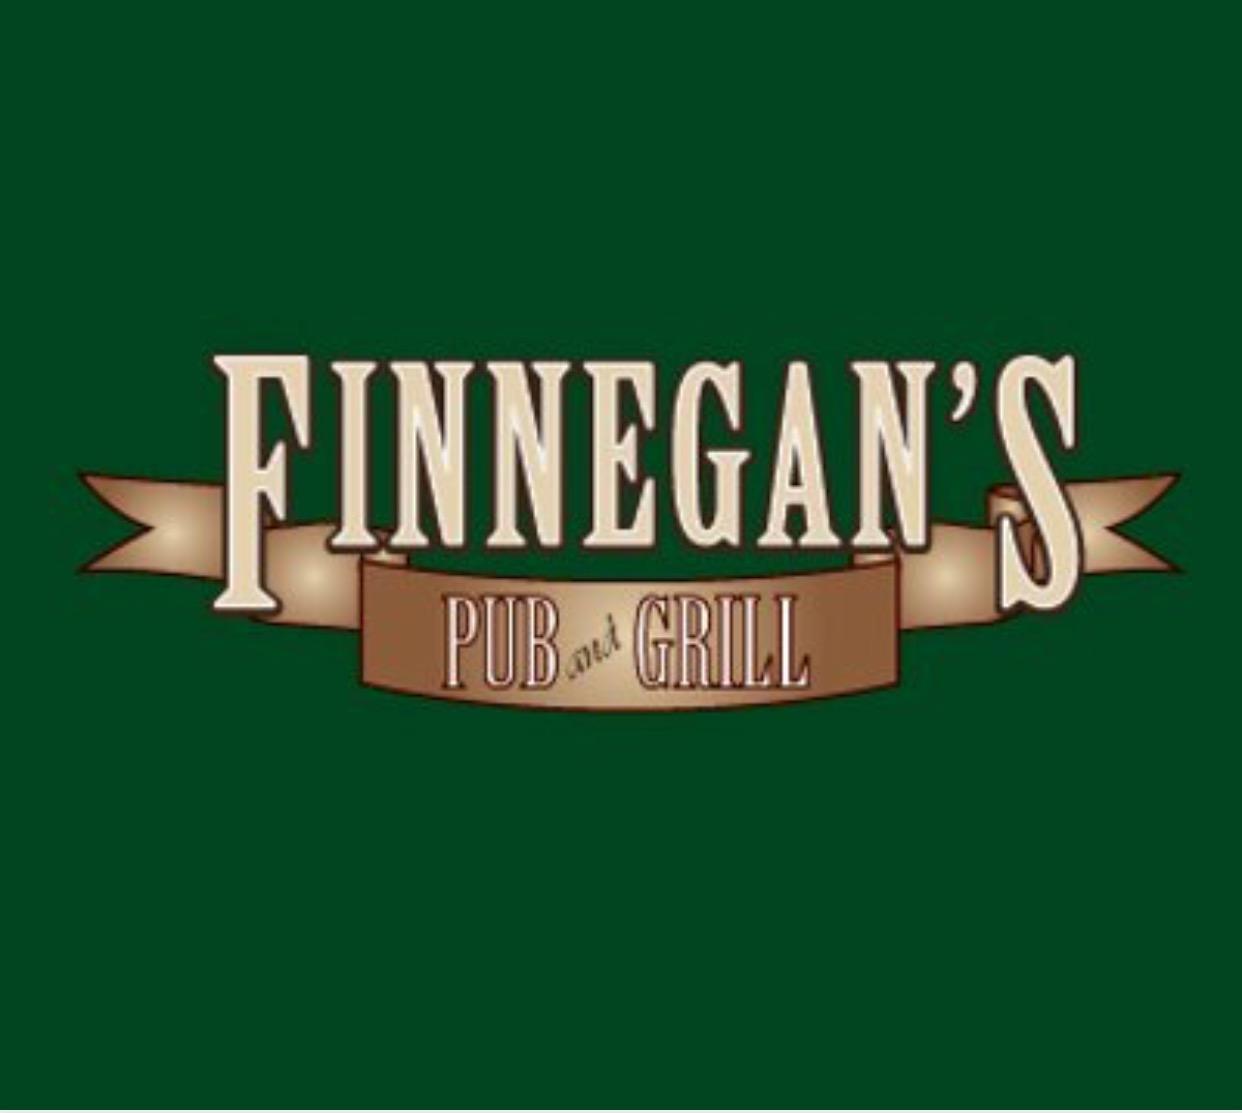 Finnegan's Pub & Grill